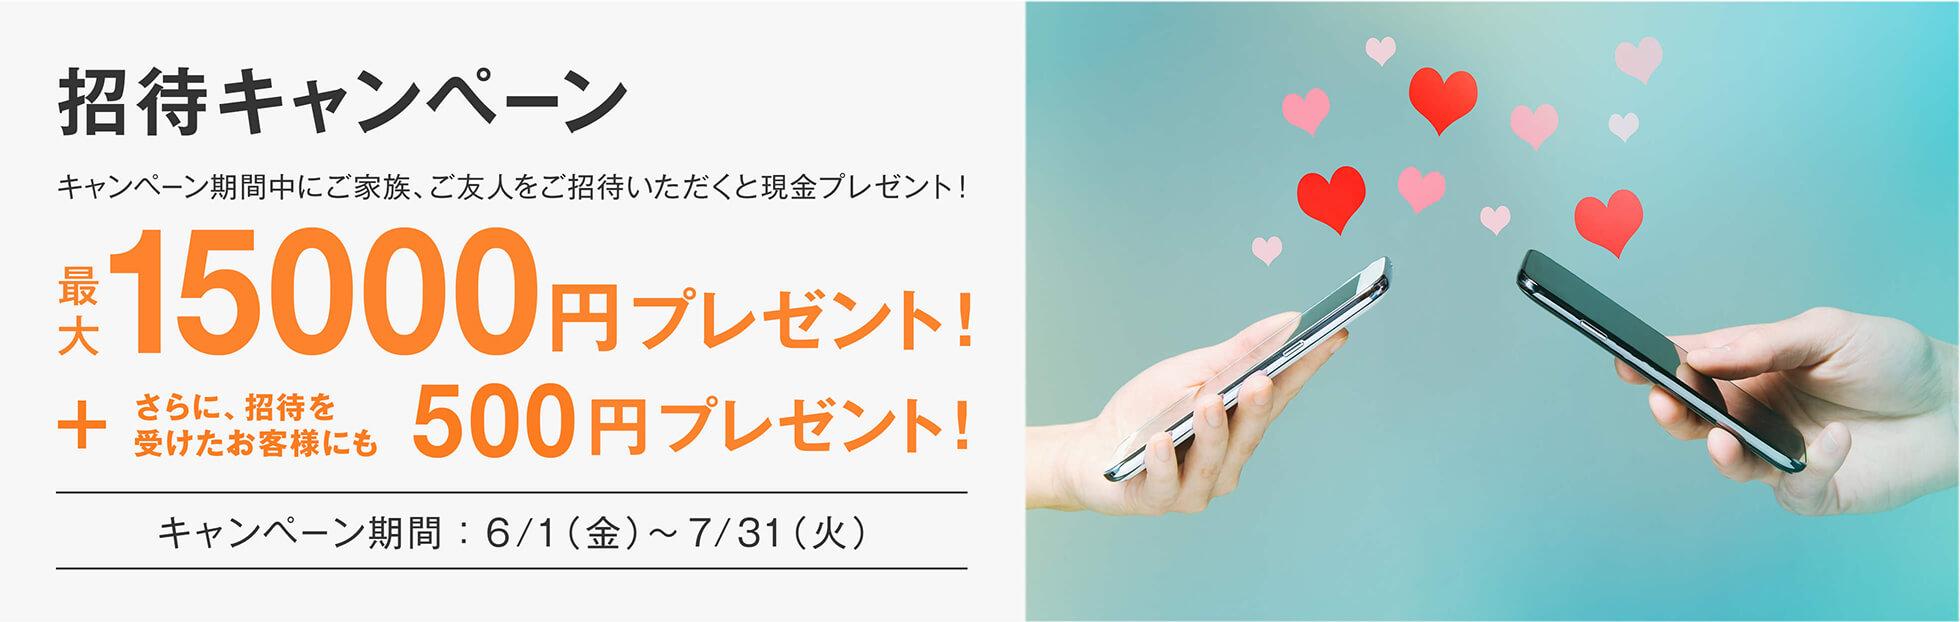 キャンペーン期間中にご家族、ご友人を招待いただいたお客様に最大15000円プレゼント。さらに招待を受けた方にも500円プレゼント!